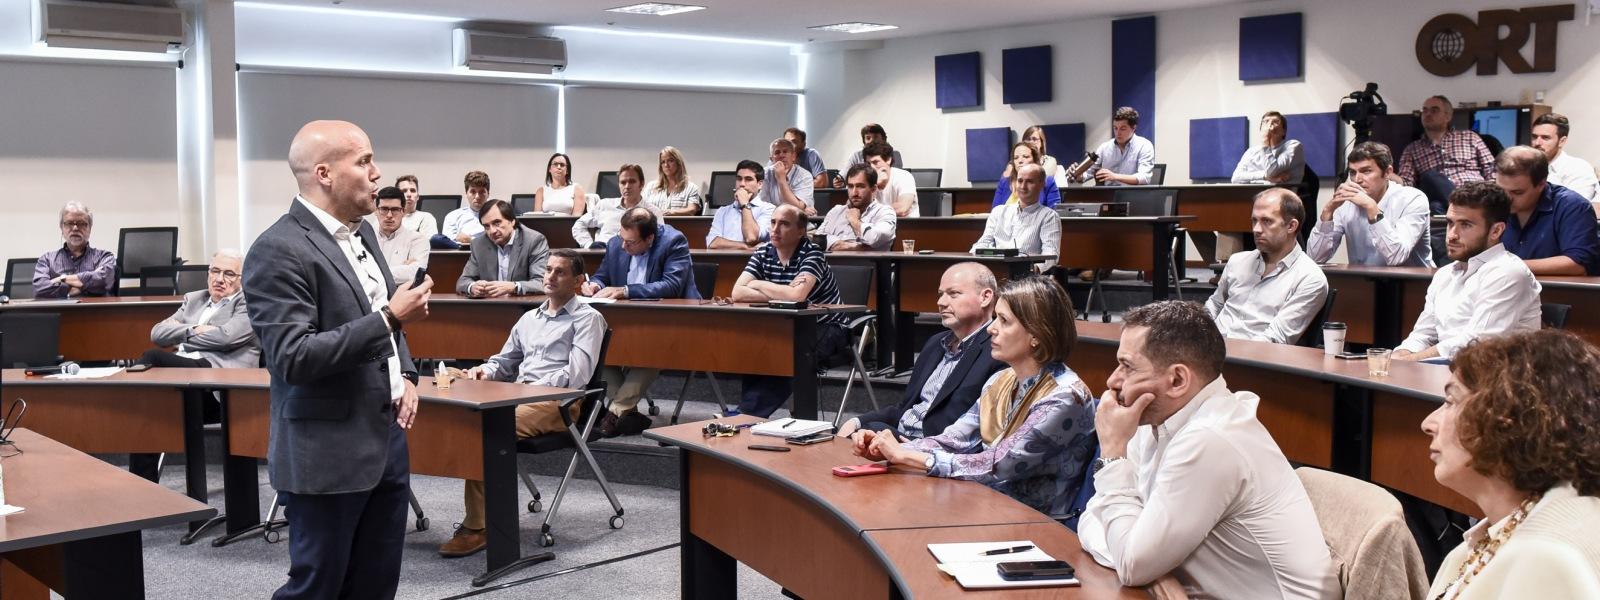 Conferencia del Ciclo de Charlas de Management y Negocios